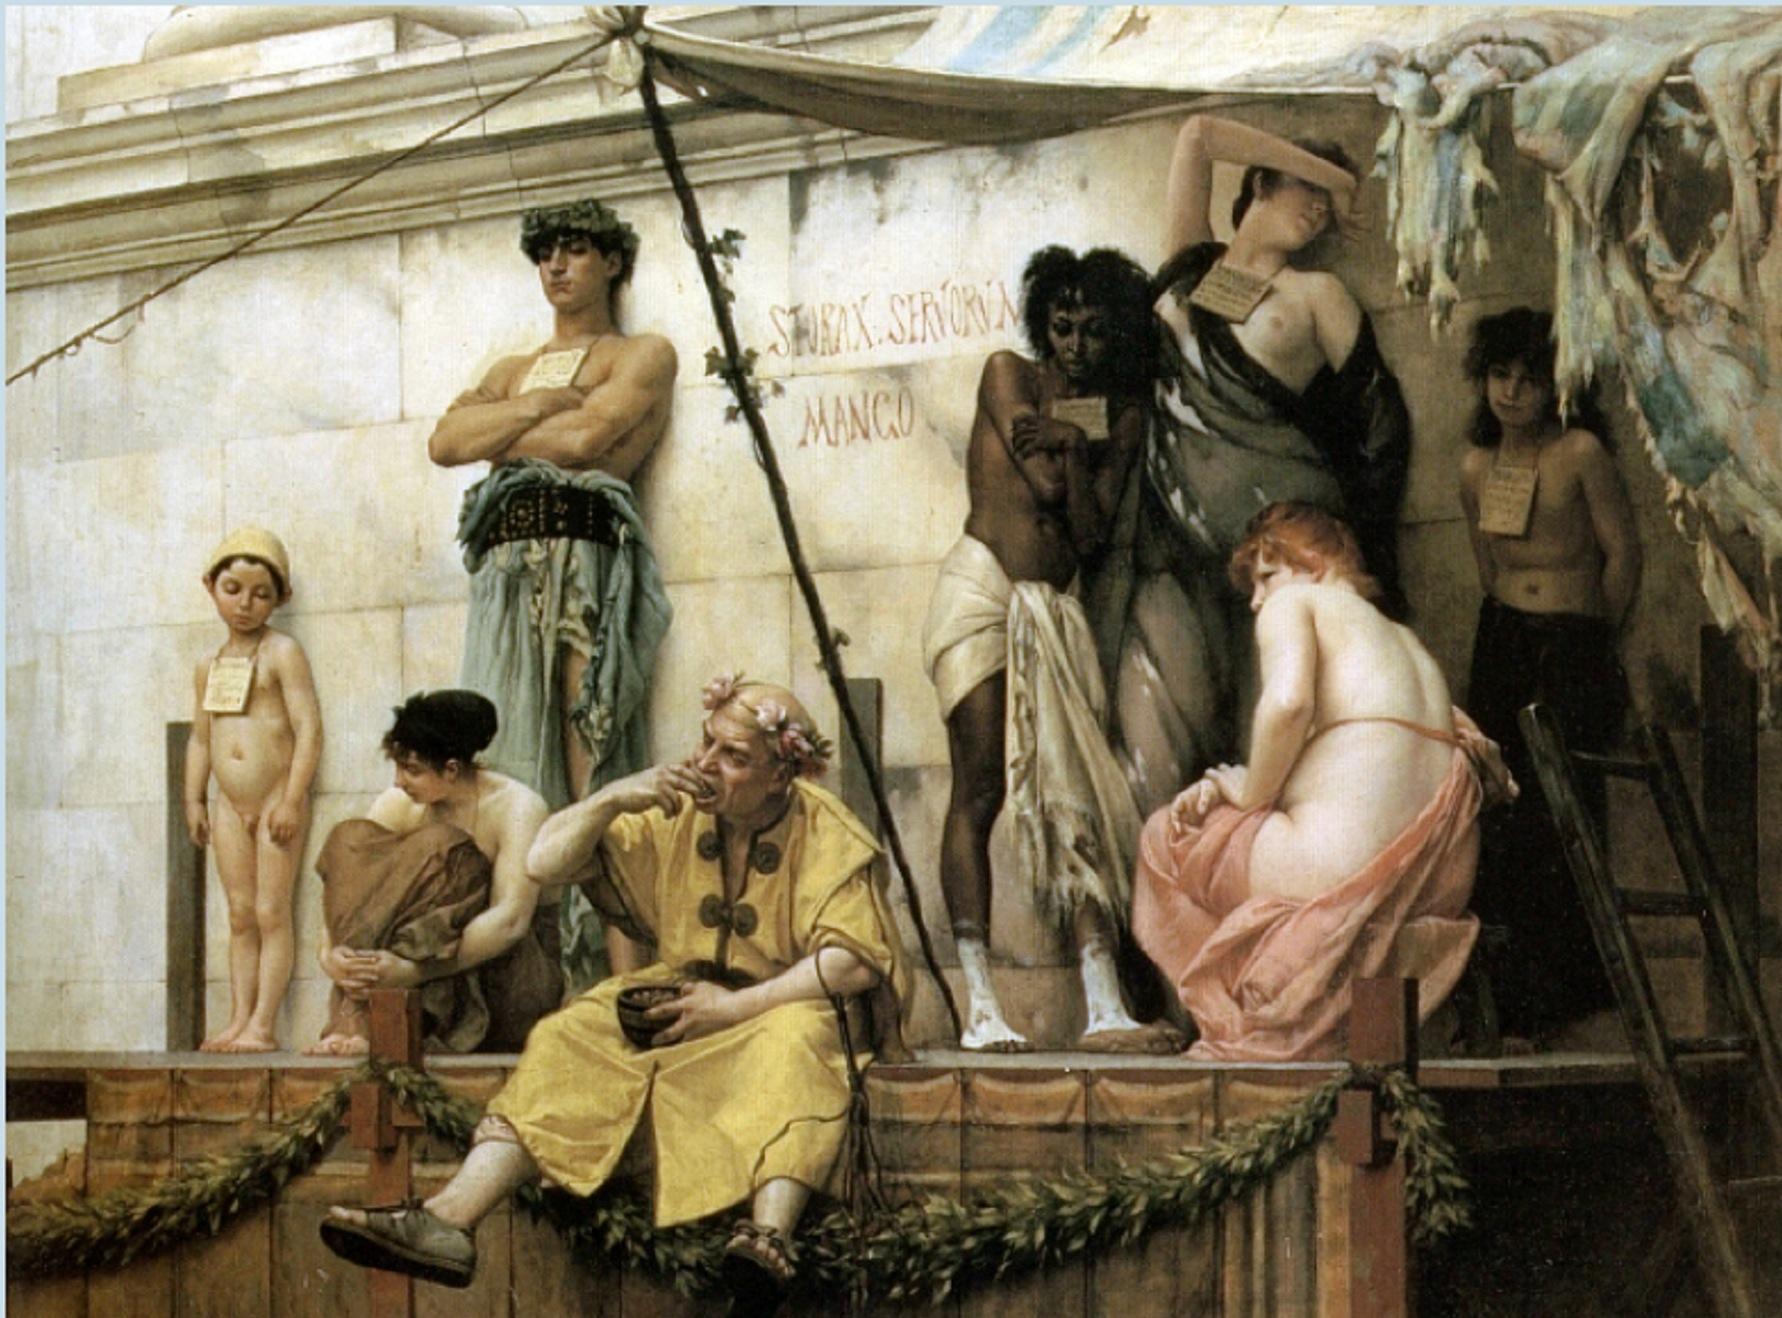 Продажа рабынь фото 8 фотография